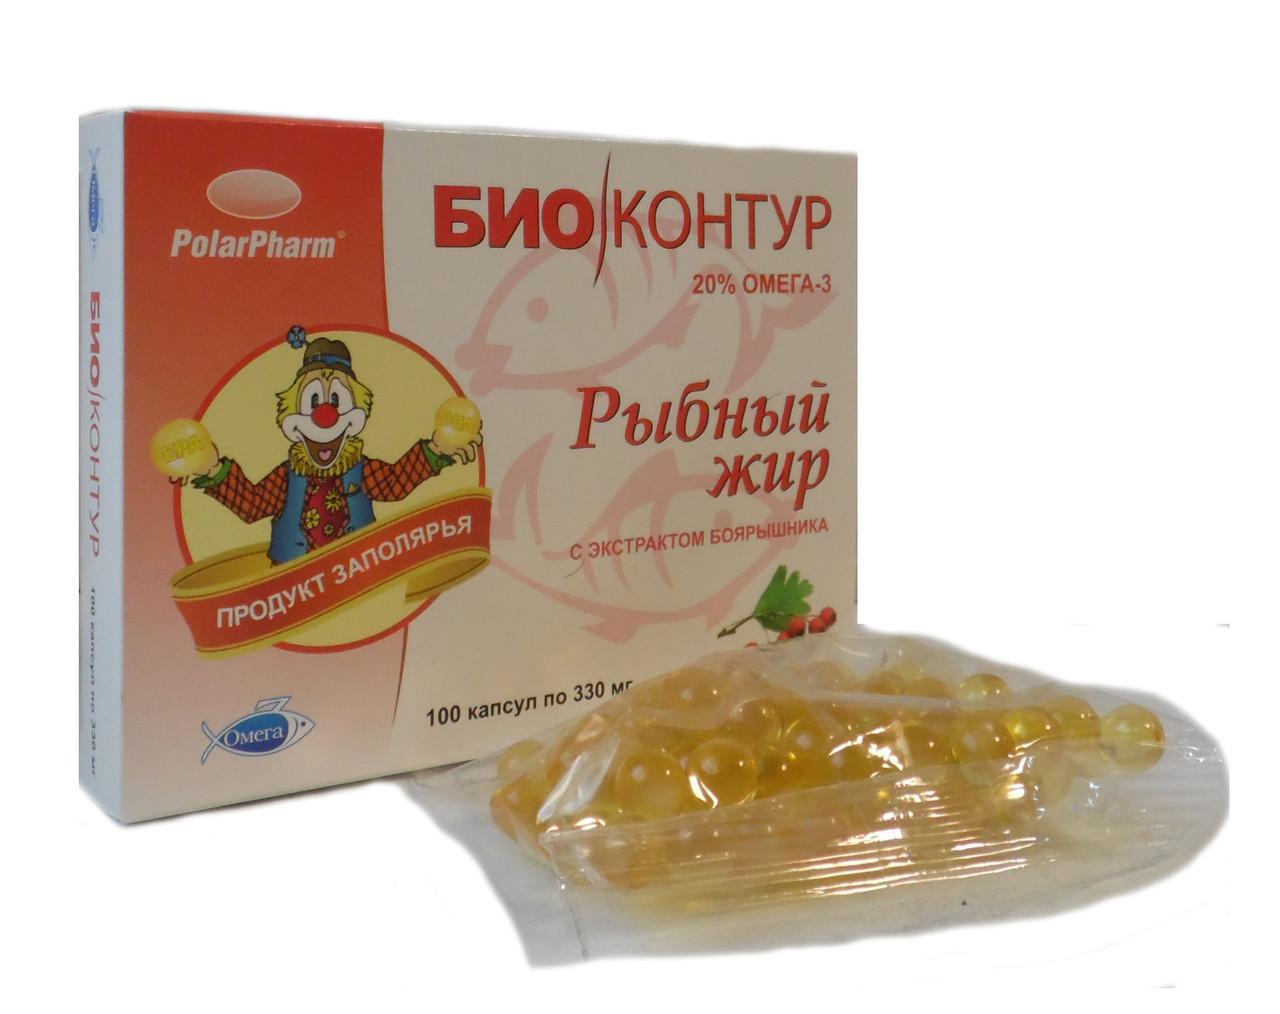 Рыбный жир 20 % омега 3 с экстрактом боярышника 100 капсул БиоКонтур